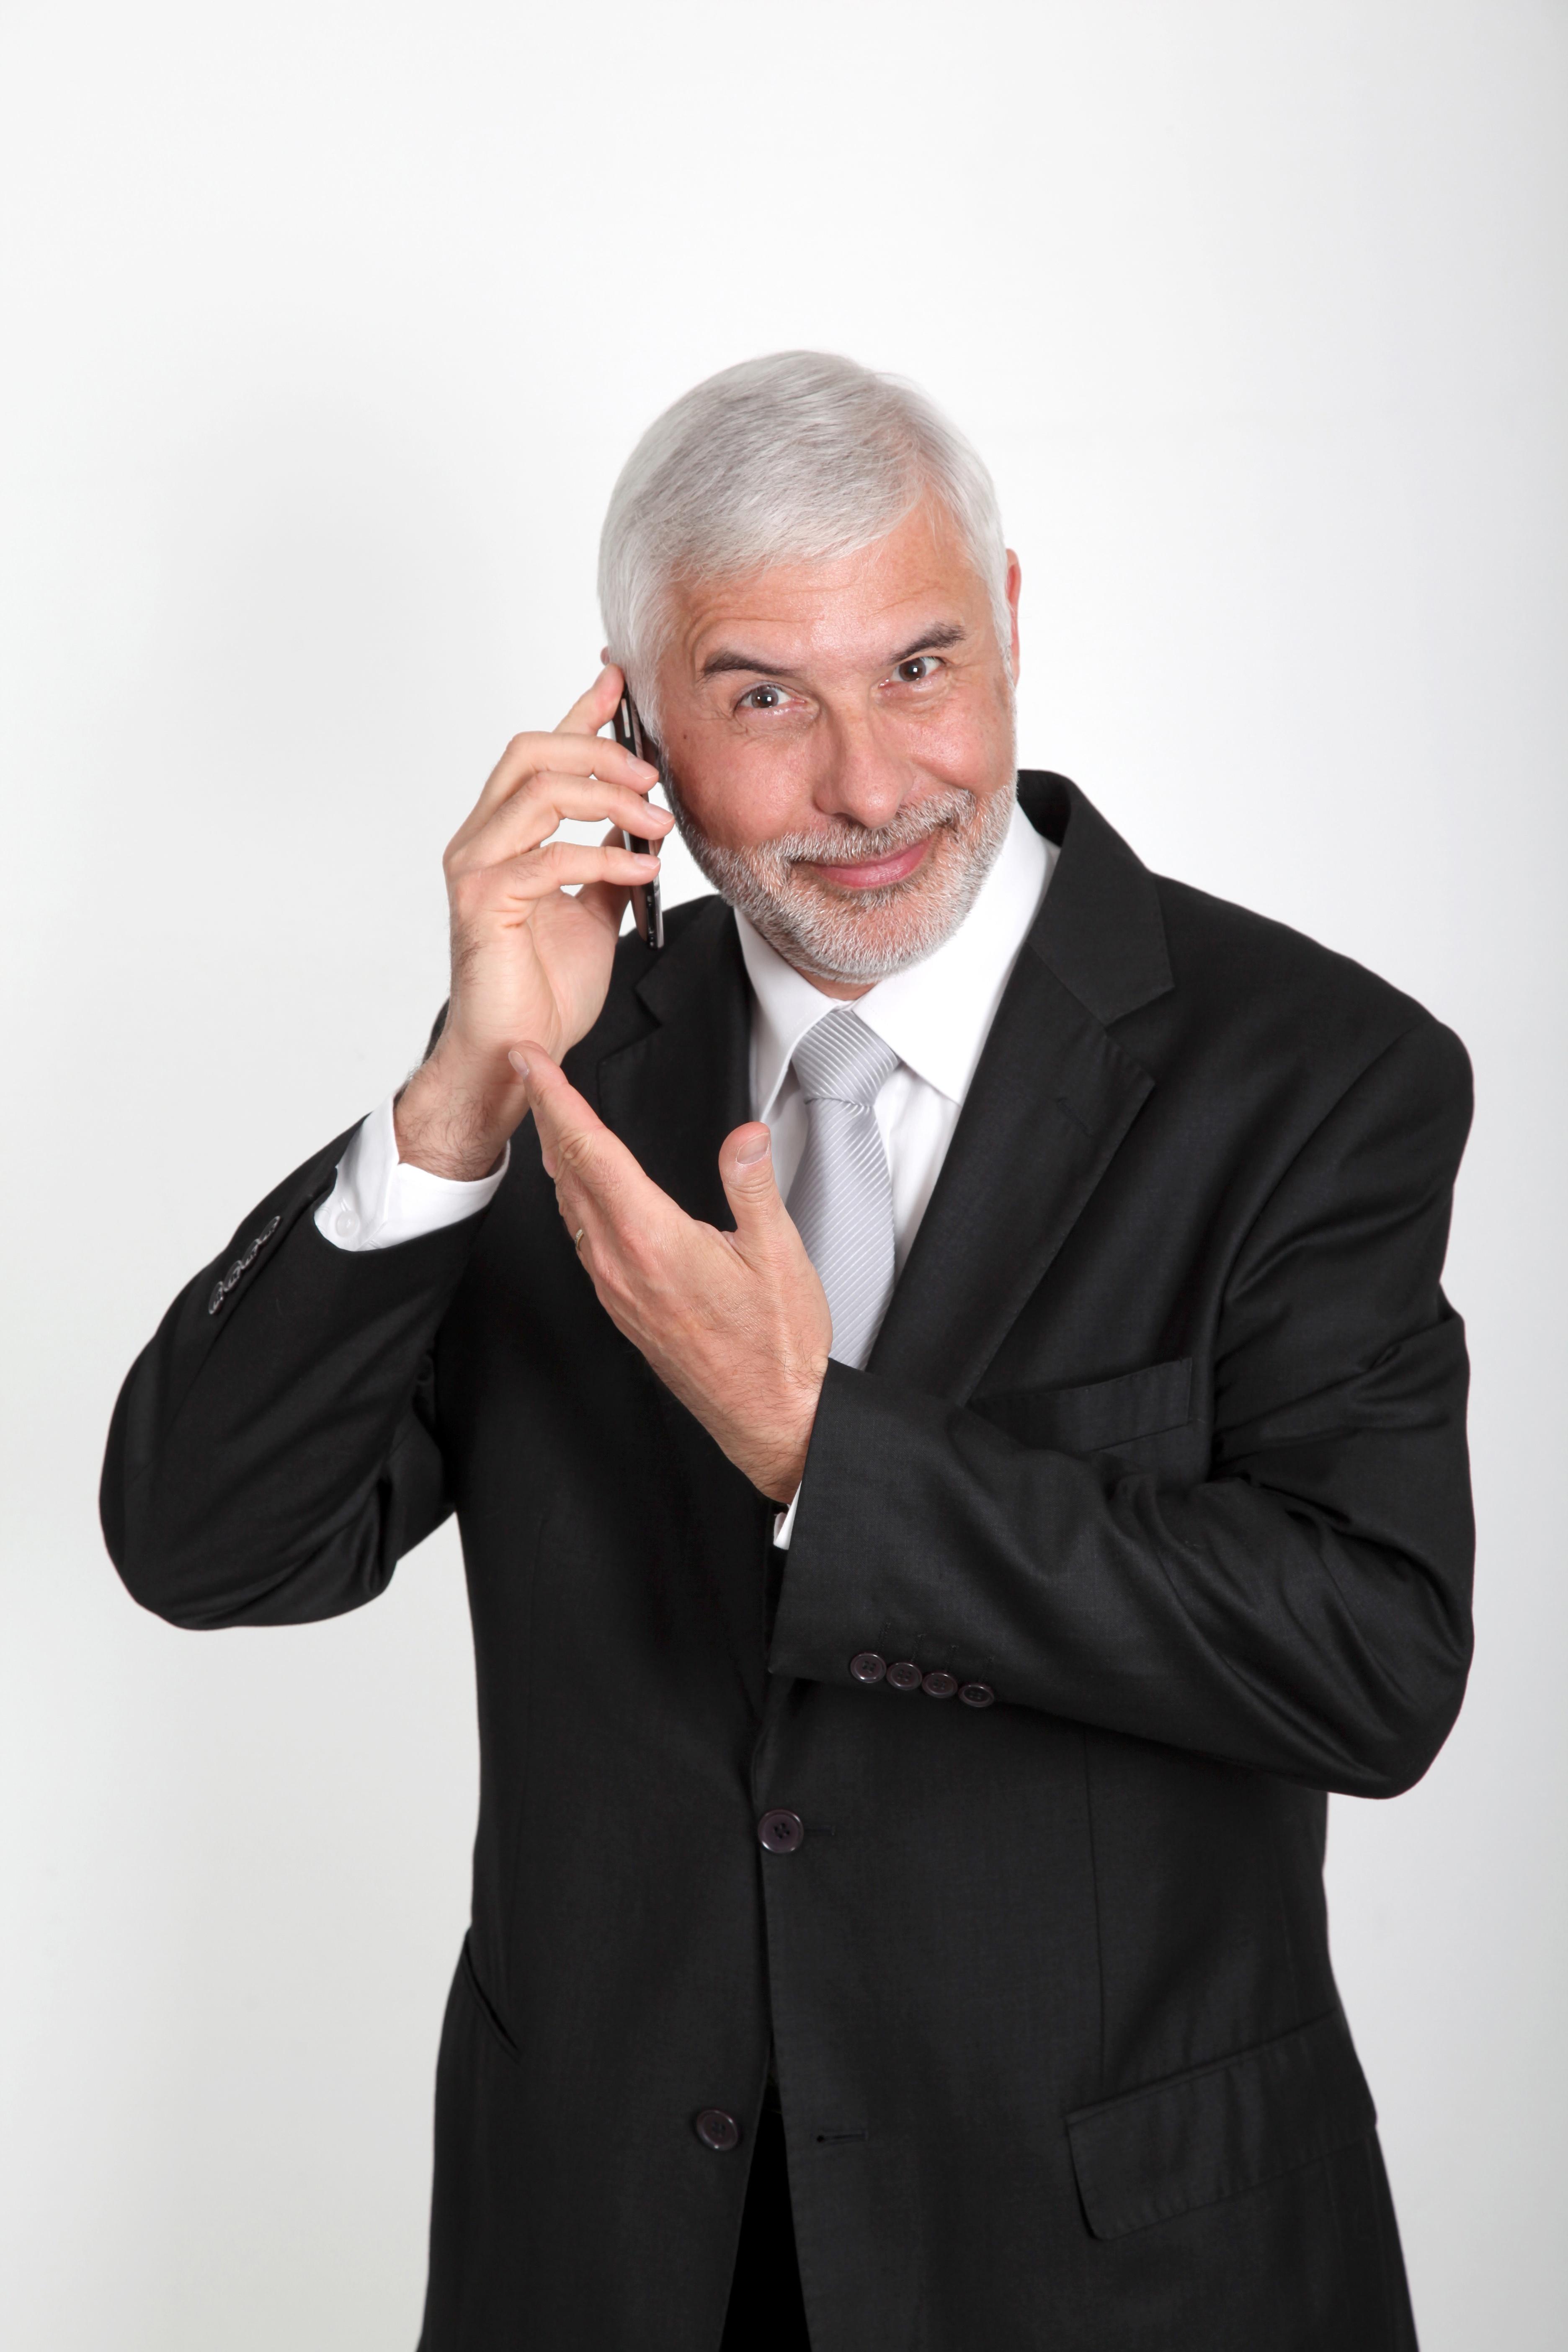 exec-on-phone